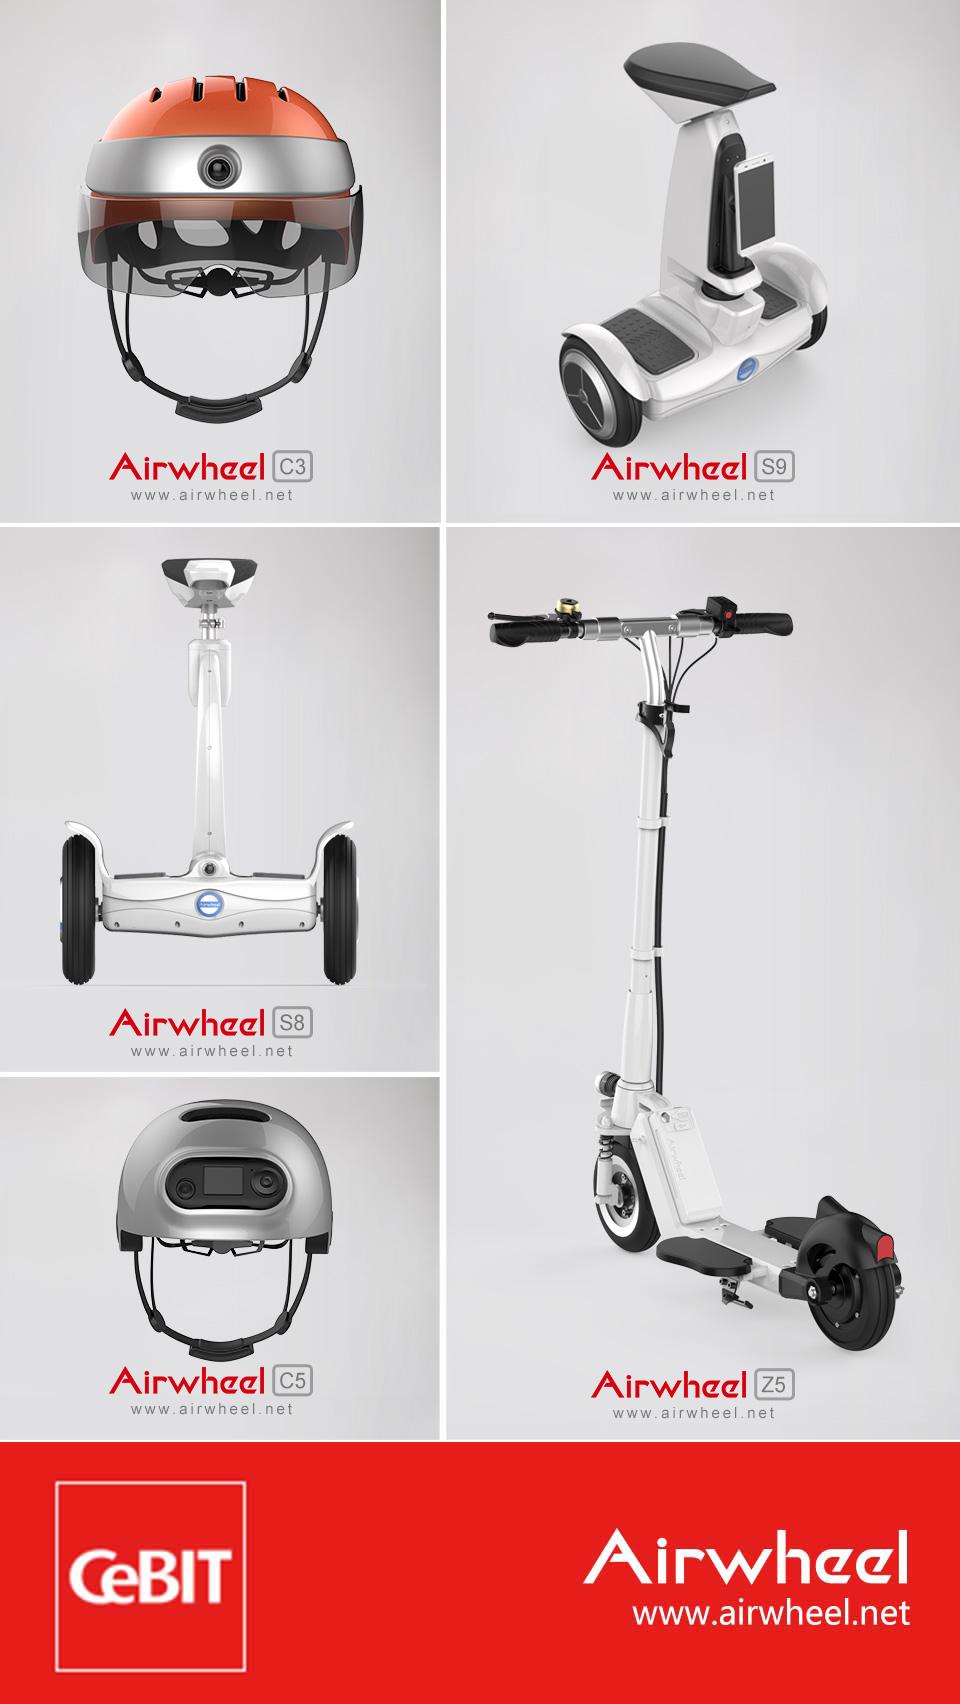 Airwheel  سكوتر كهربائي متوازن ذاتيا